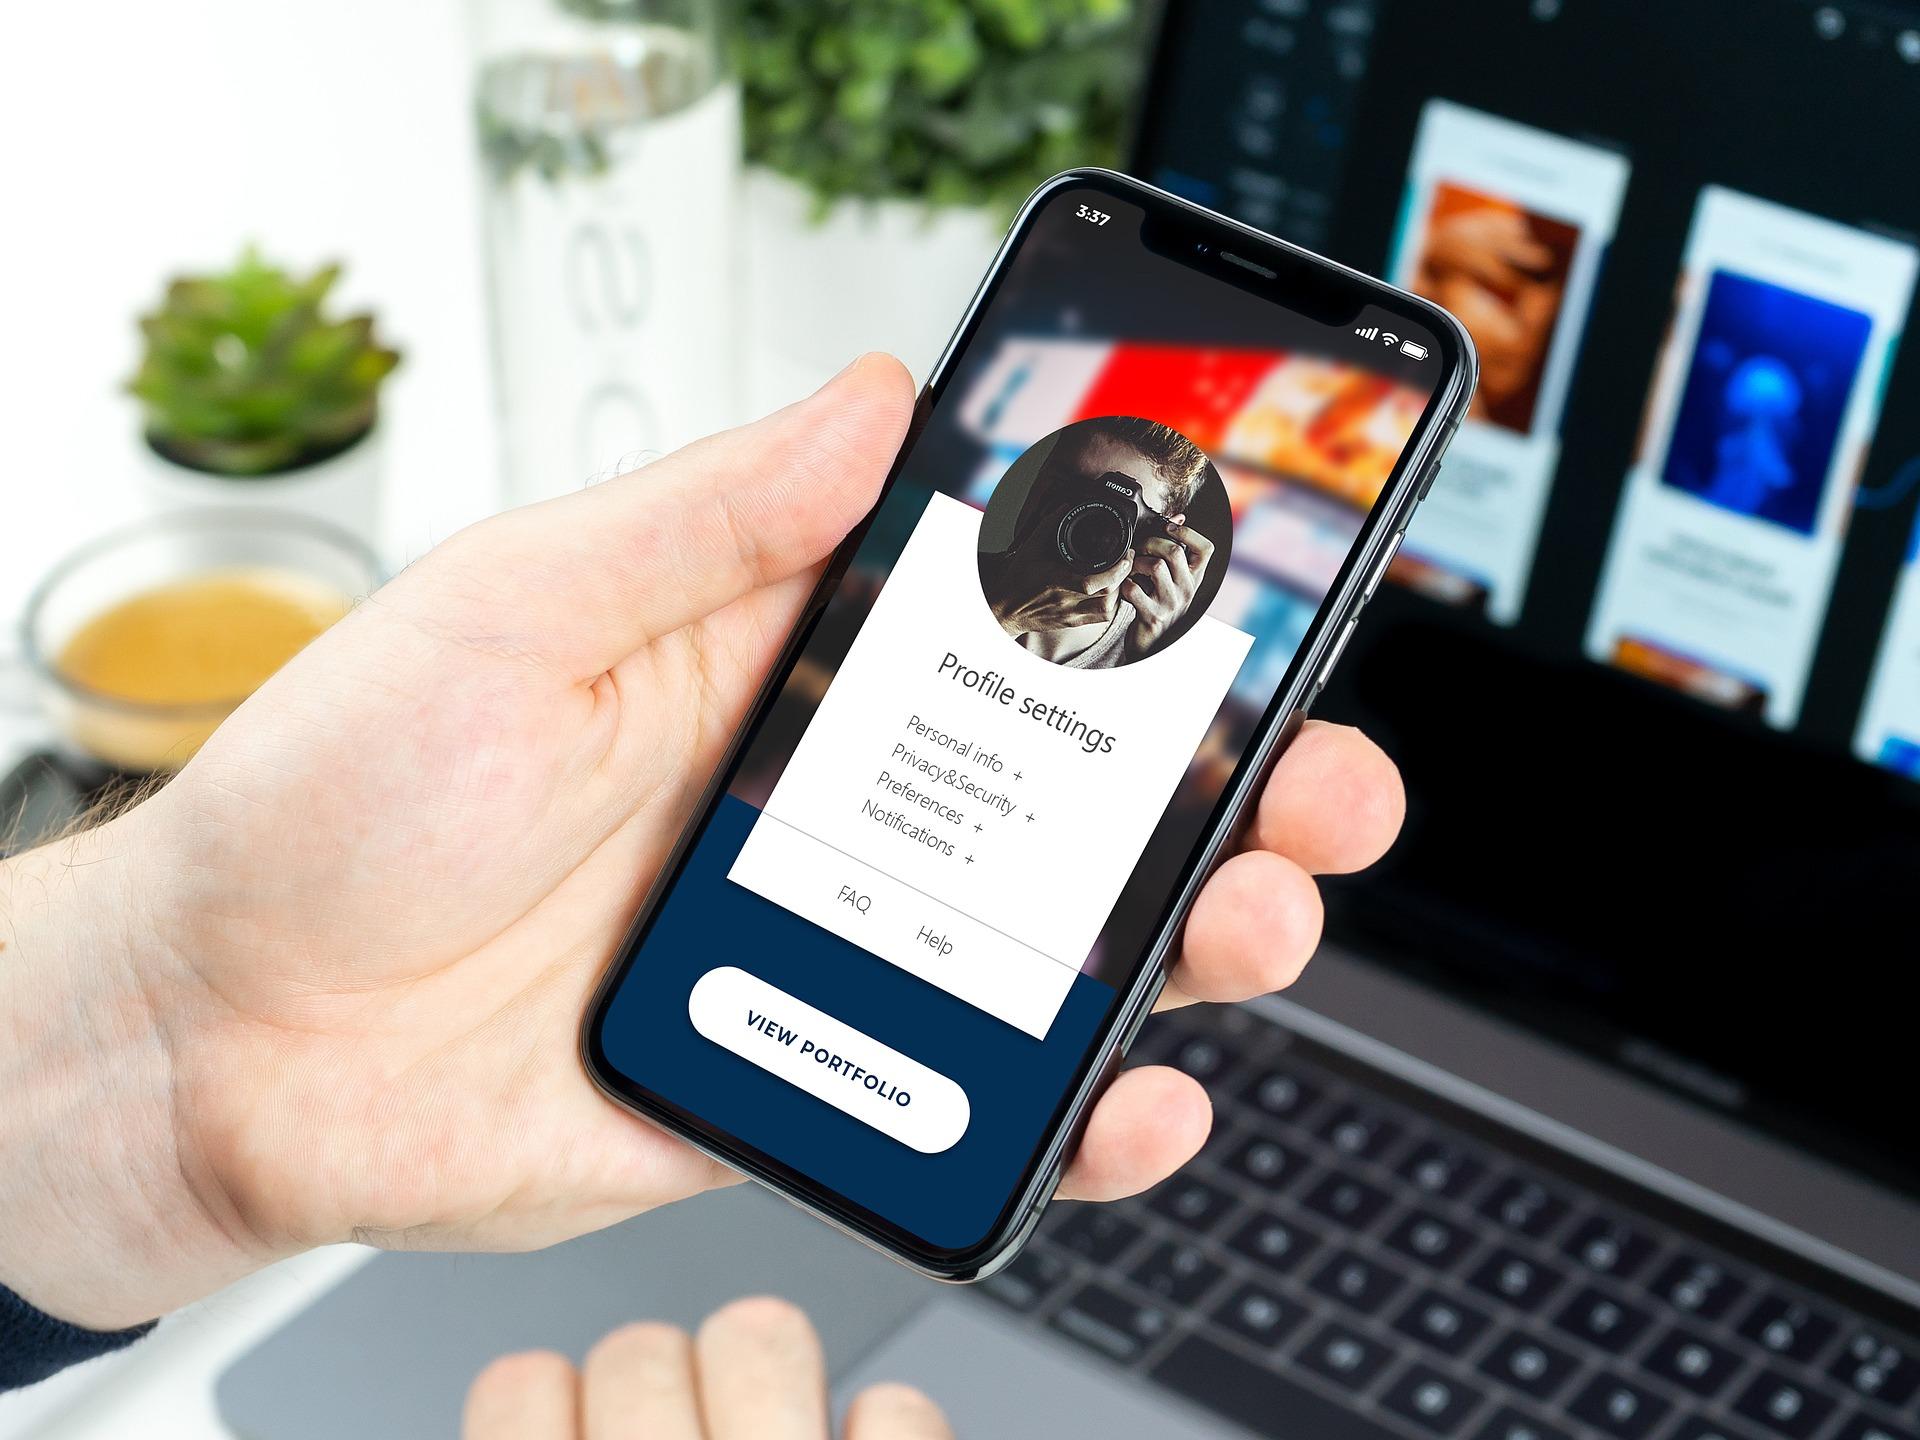 Самые популярные смартфоны 47 недели 2019 года